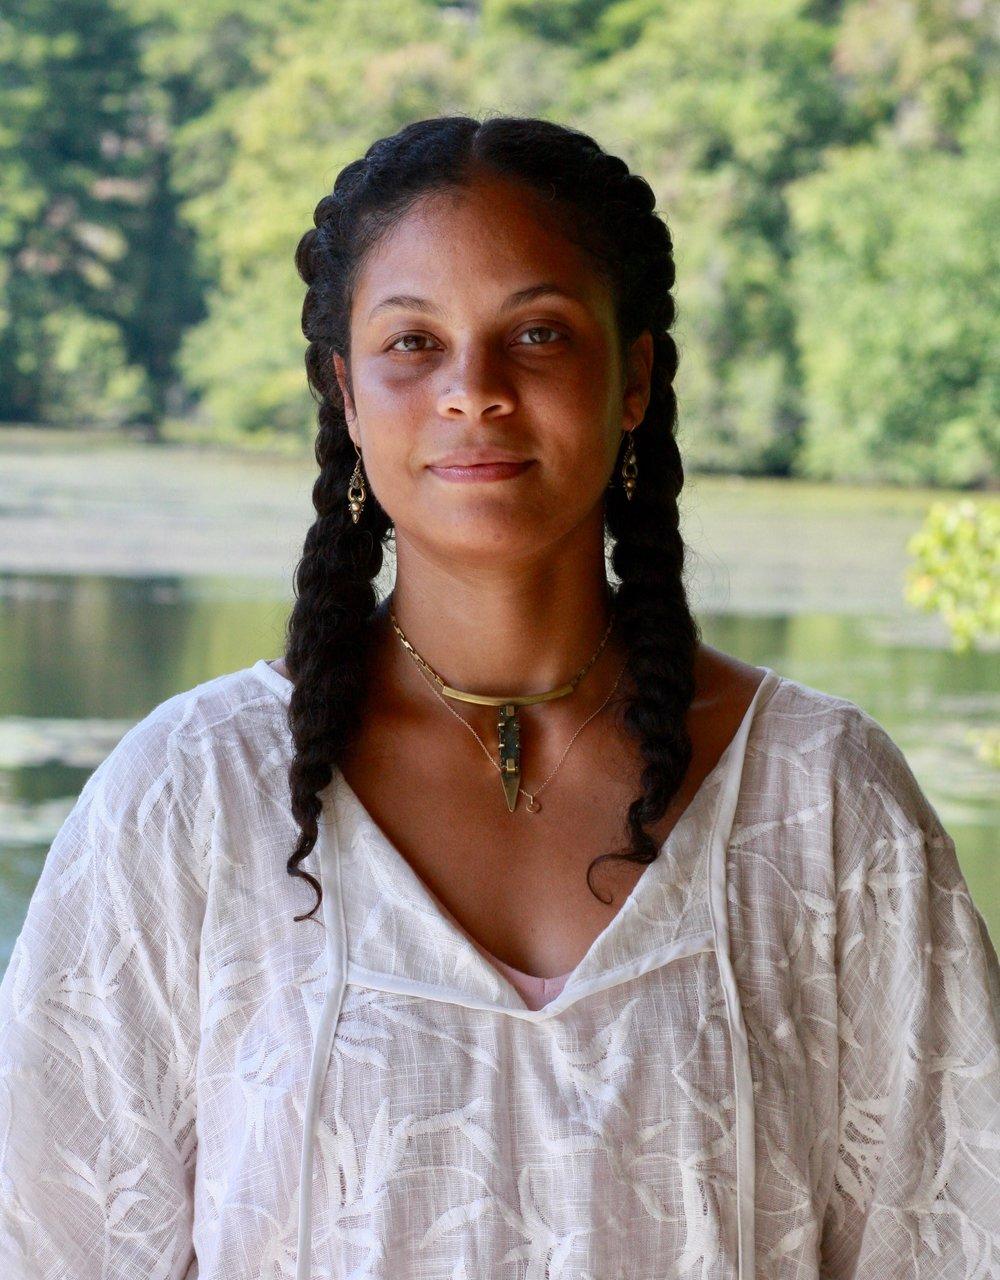 Tamira Cousett